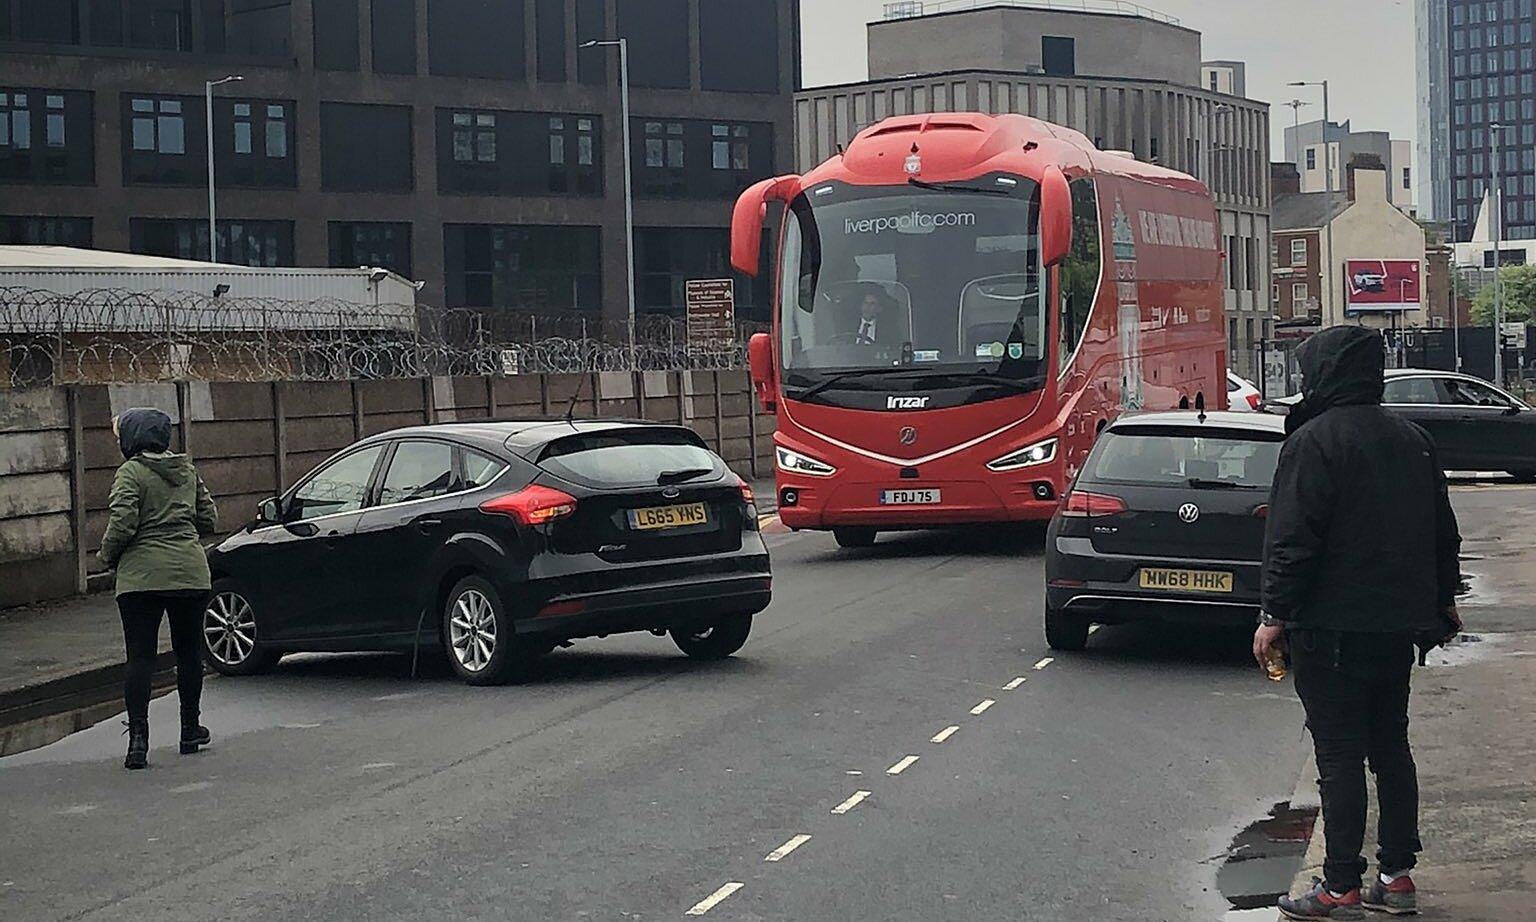 รถบัสล่อของลิเวอร์พูลถูกแฟน ๆ แมนยูหยุดระหว่างทางไปโอลด์แทรฟฟอร์ด